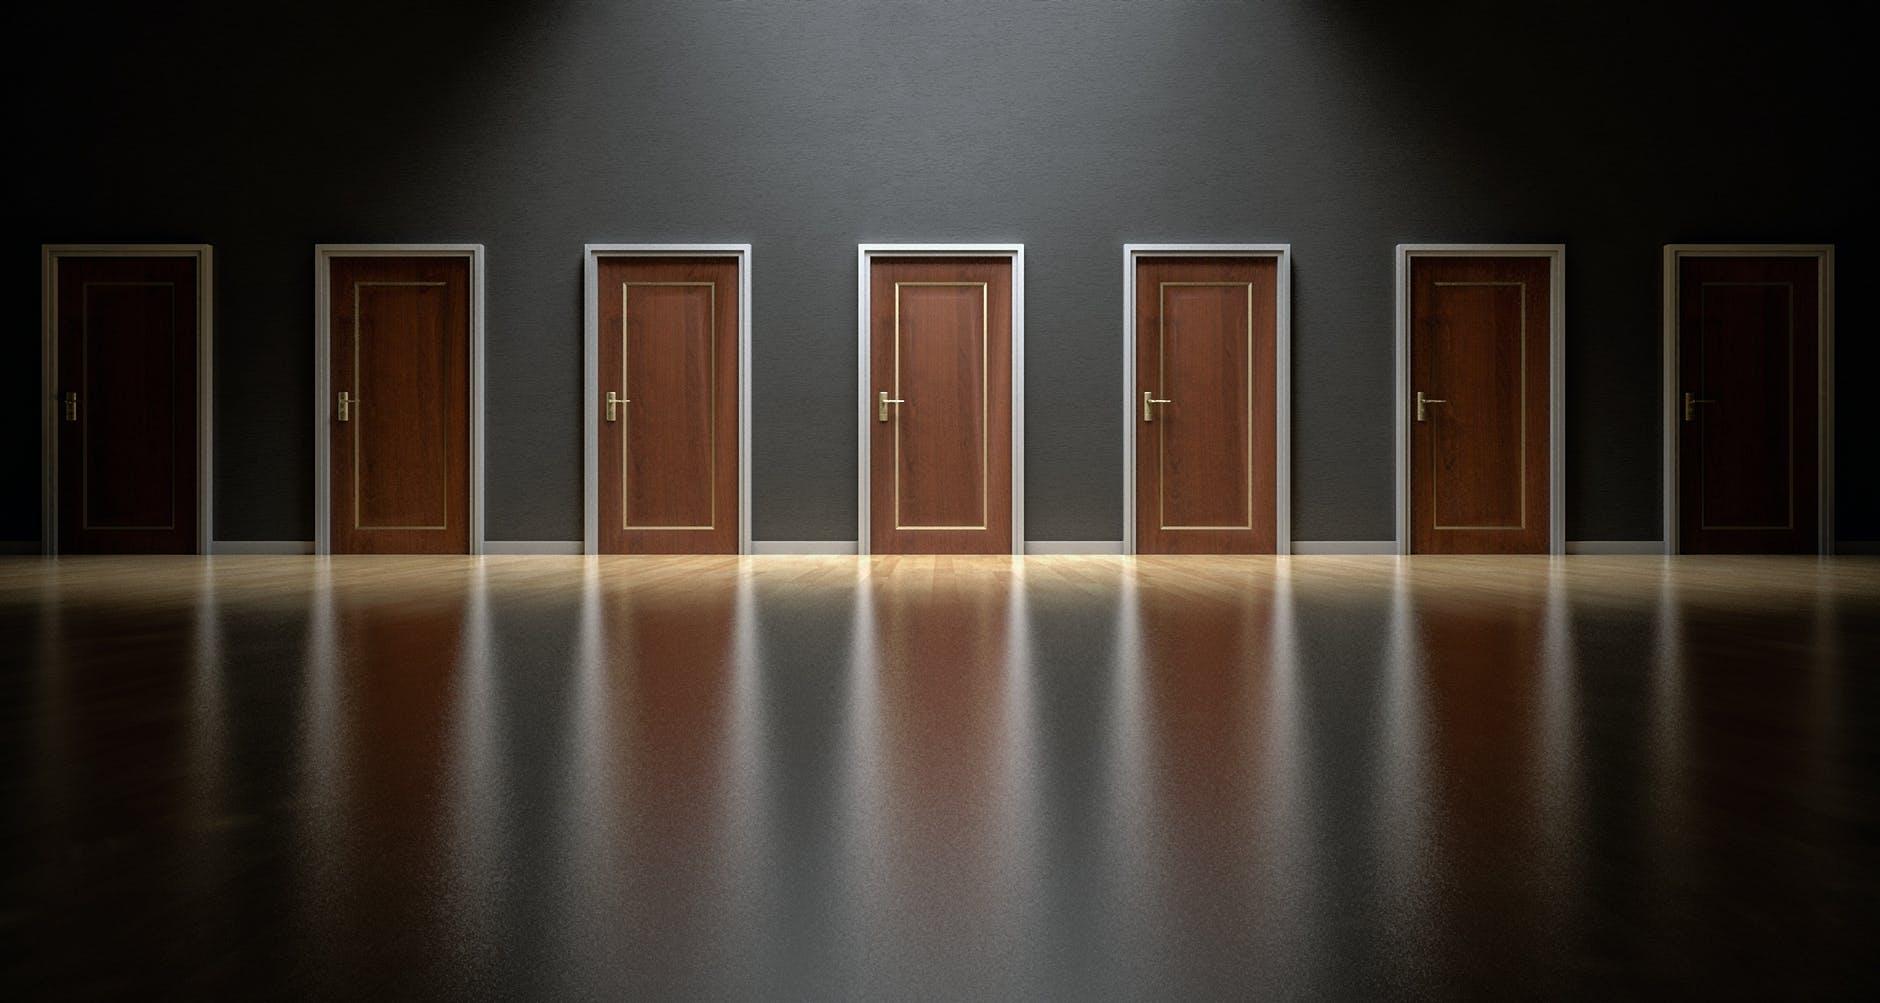 choices decision doors doorway